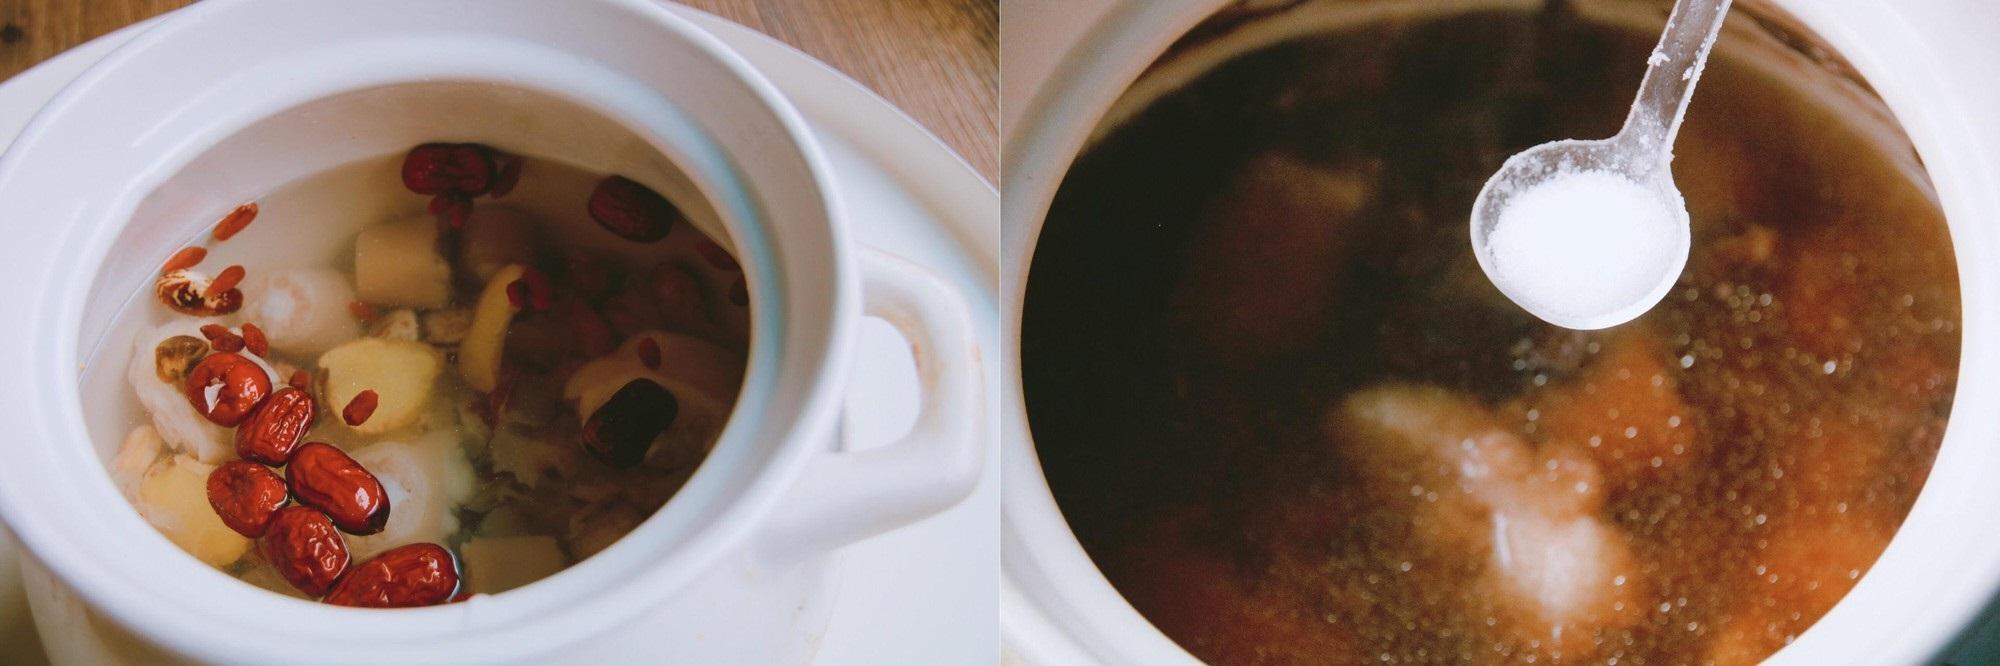 Bồi bổ cơ thể cho cả nhà với món đuôi heo hầm đậu đỏ ngon mê tơi - Ảnh 4